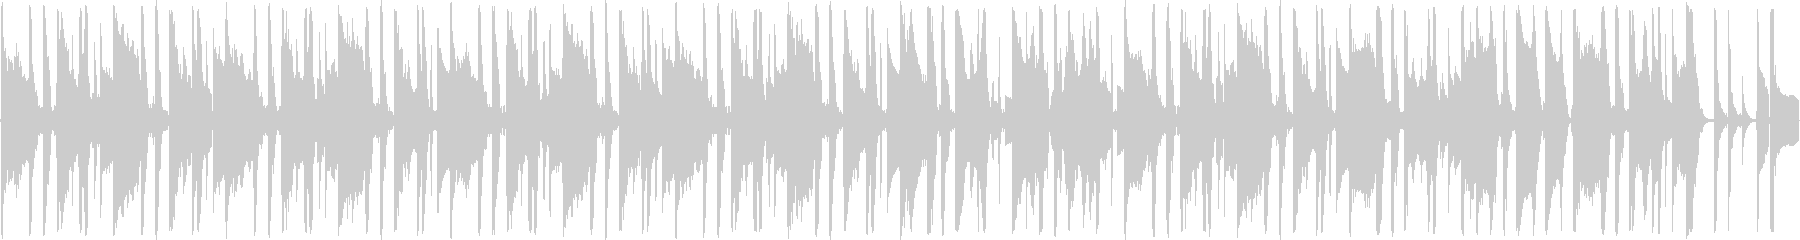 ファンキーでルーズな雰囲気のBGMの未再生の波形